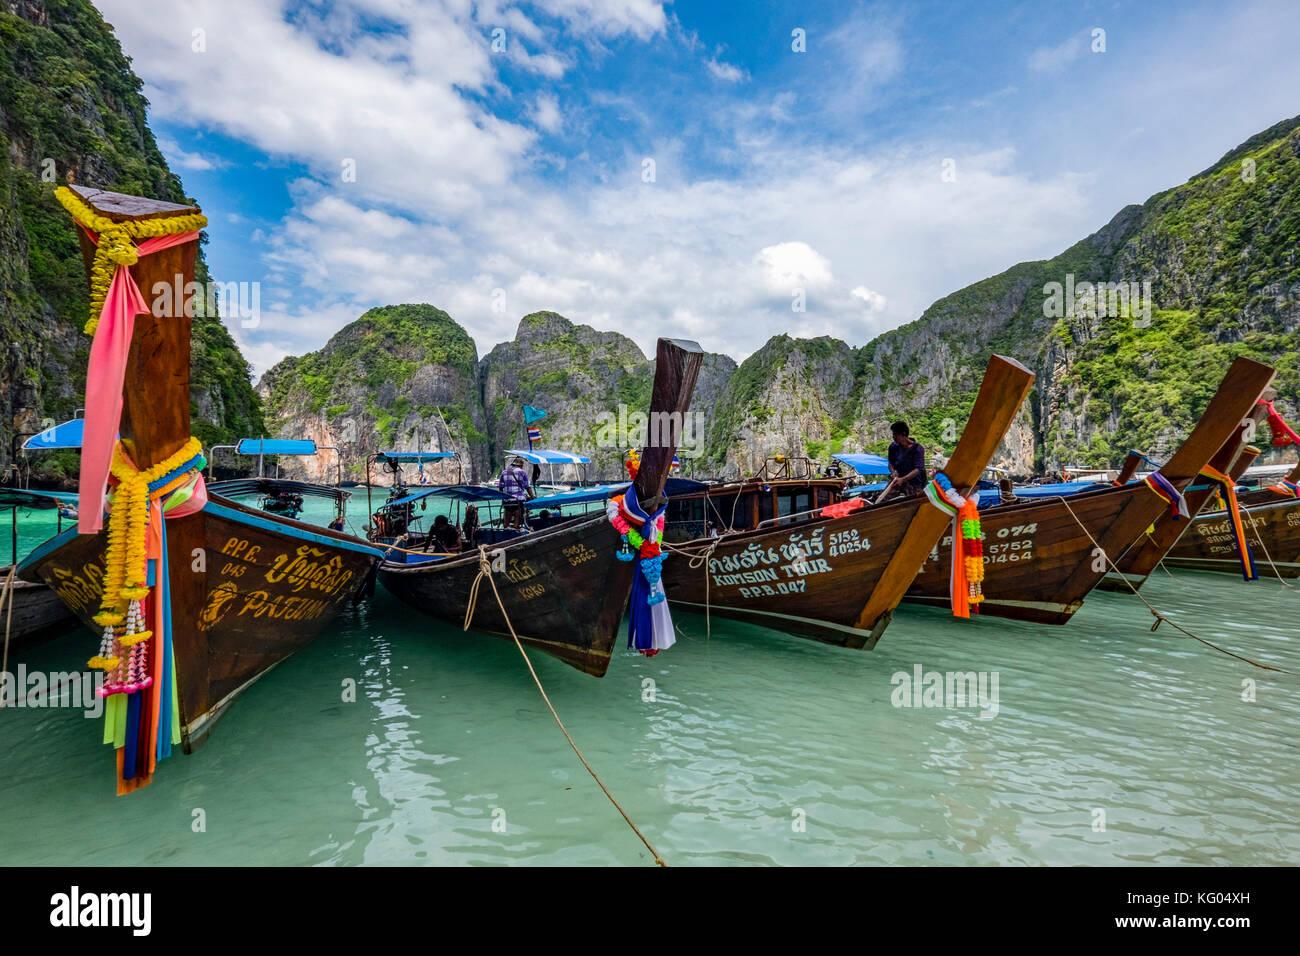 Thailandia. Mare delle Andamane. Koh Phi Phi island. Maya Bay. Lunga coda di barche Immagini Stock